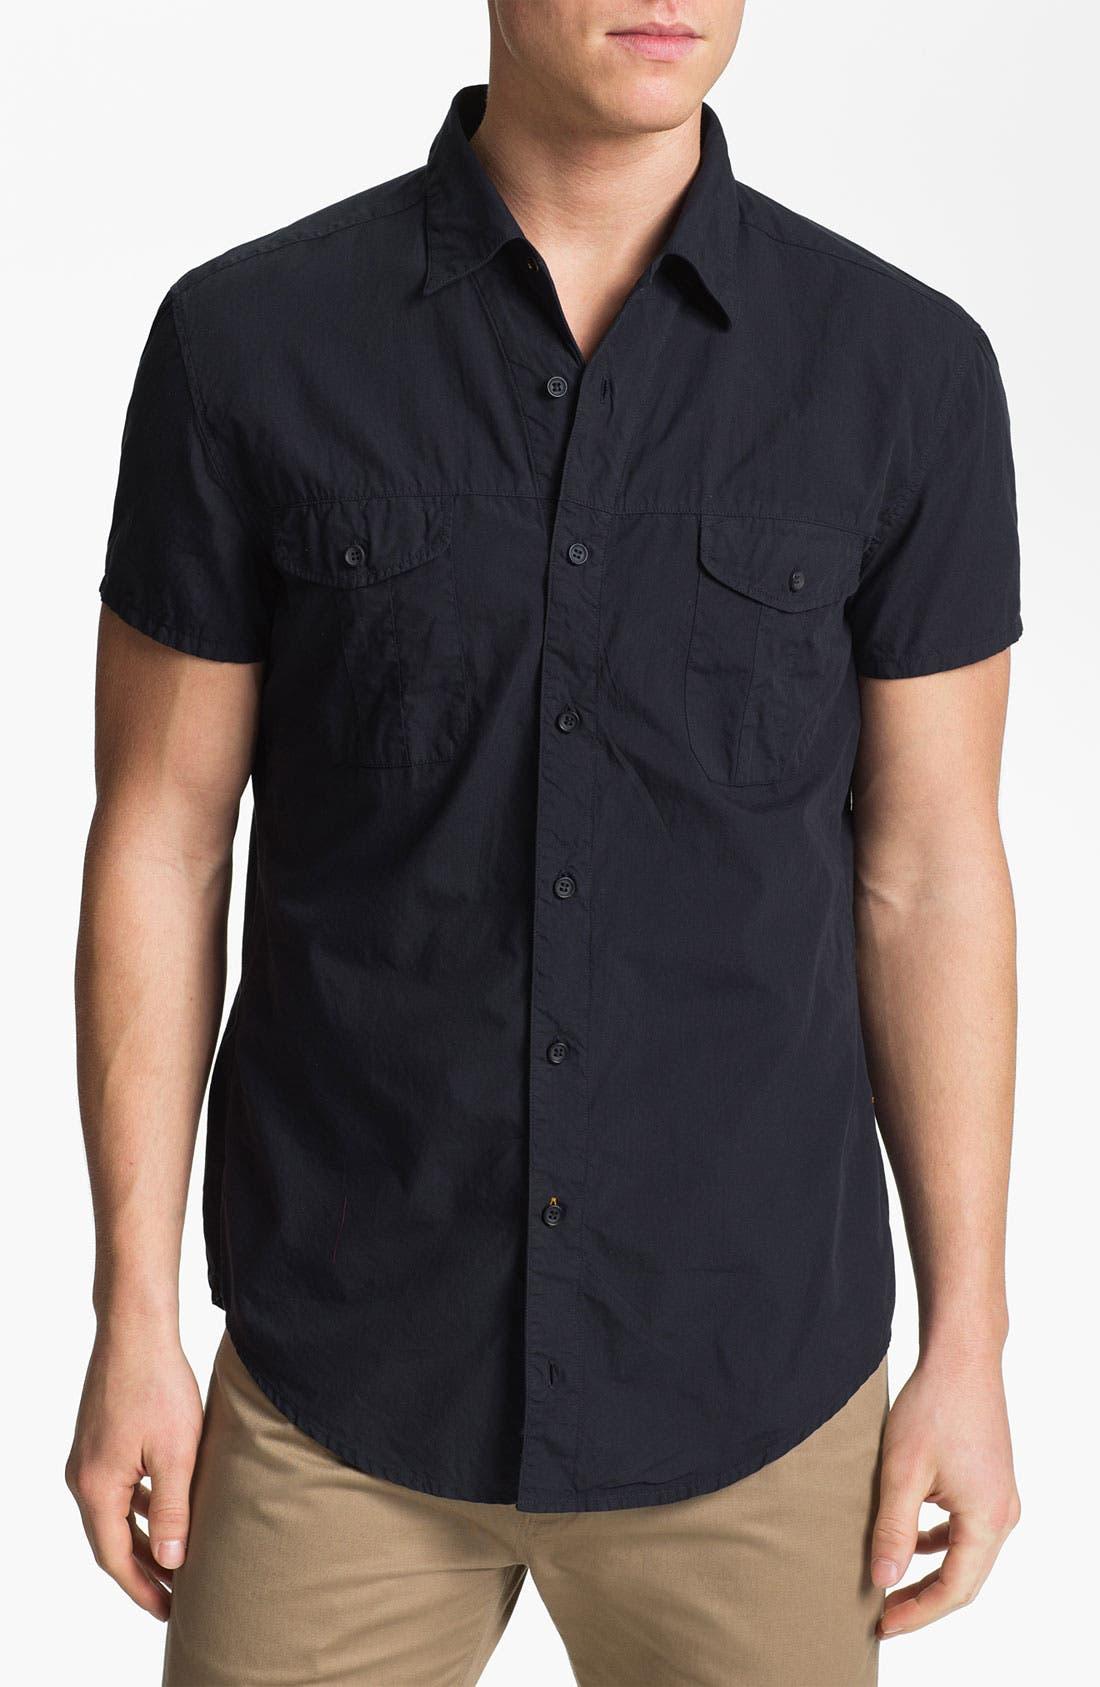 Alternate Image 1 Selected - BOSS Orange Short Sleeve Woven Shirt